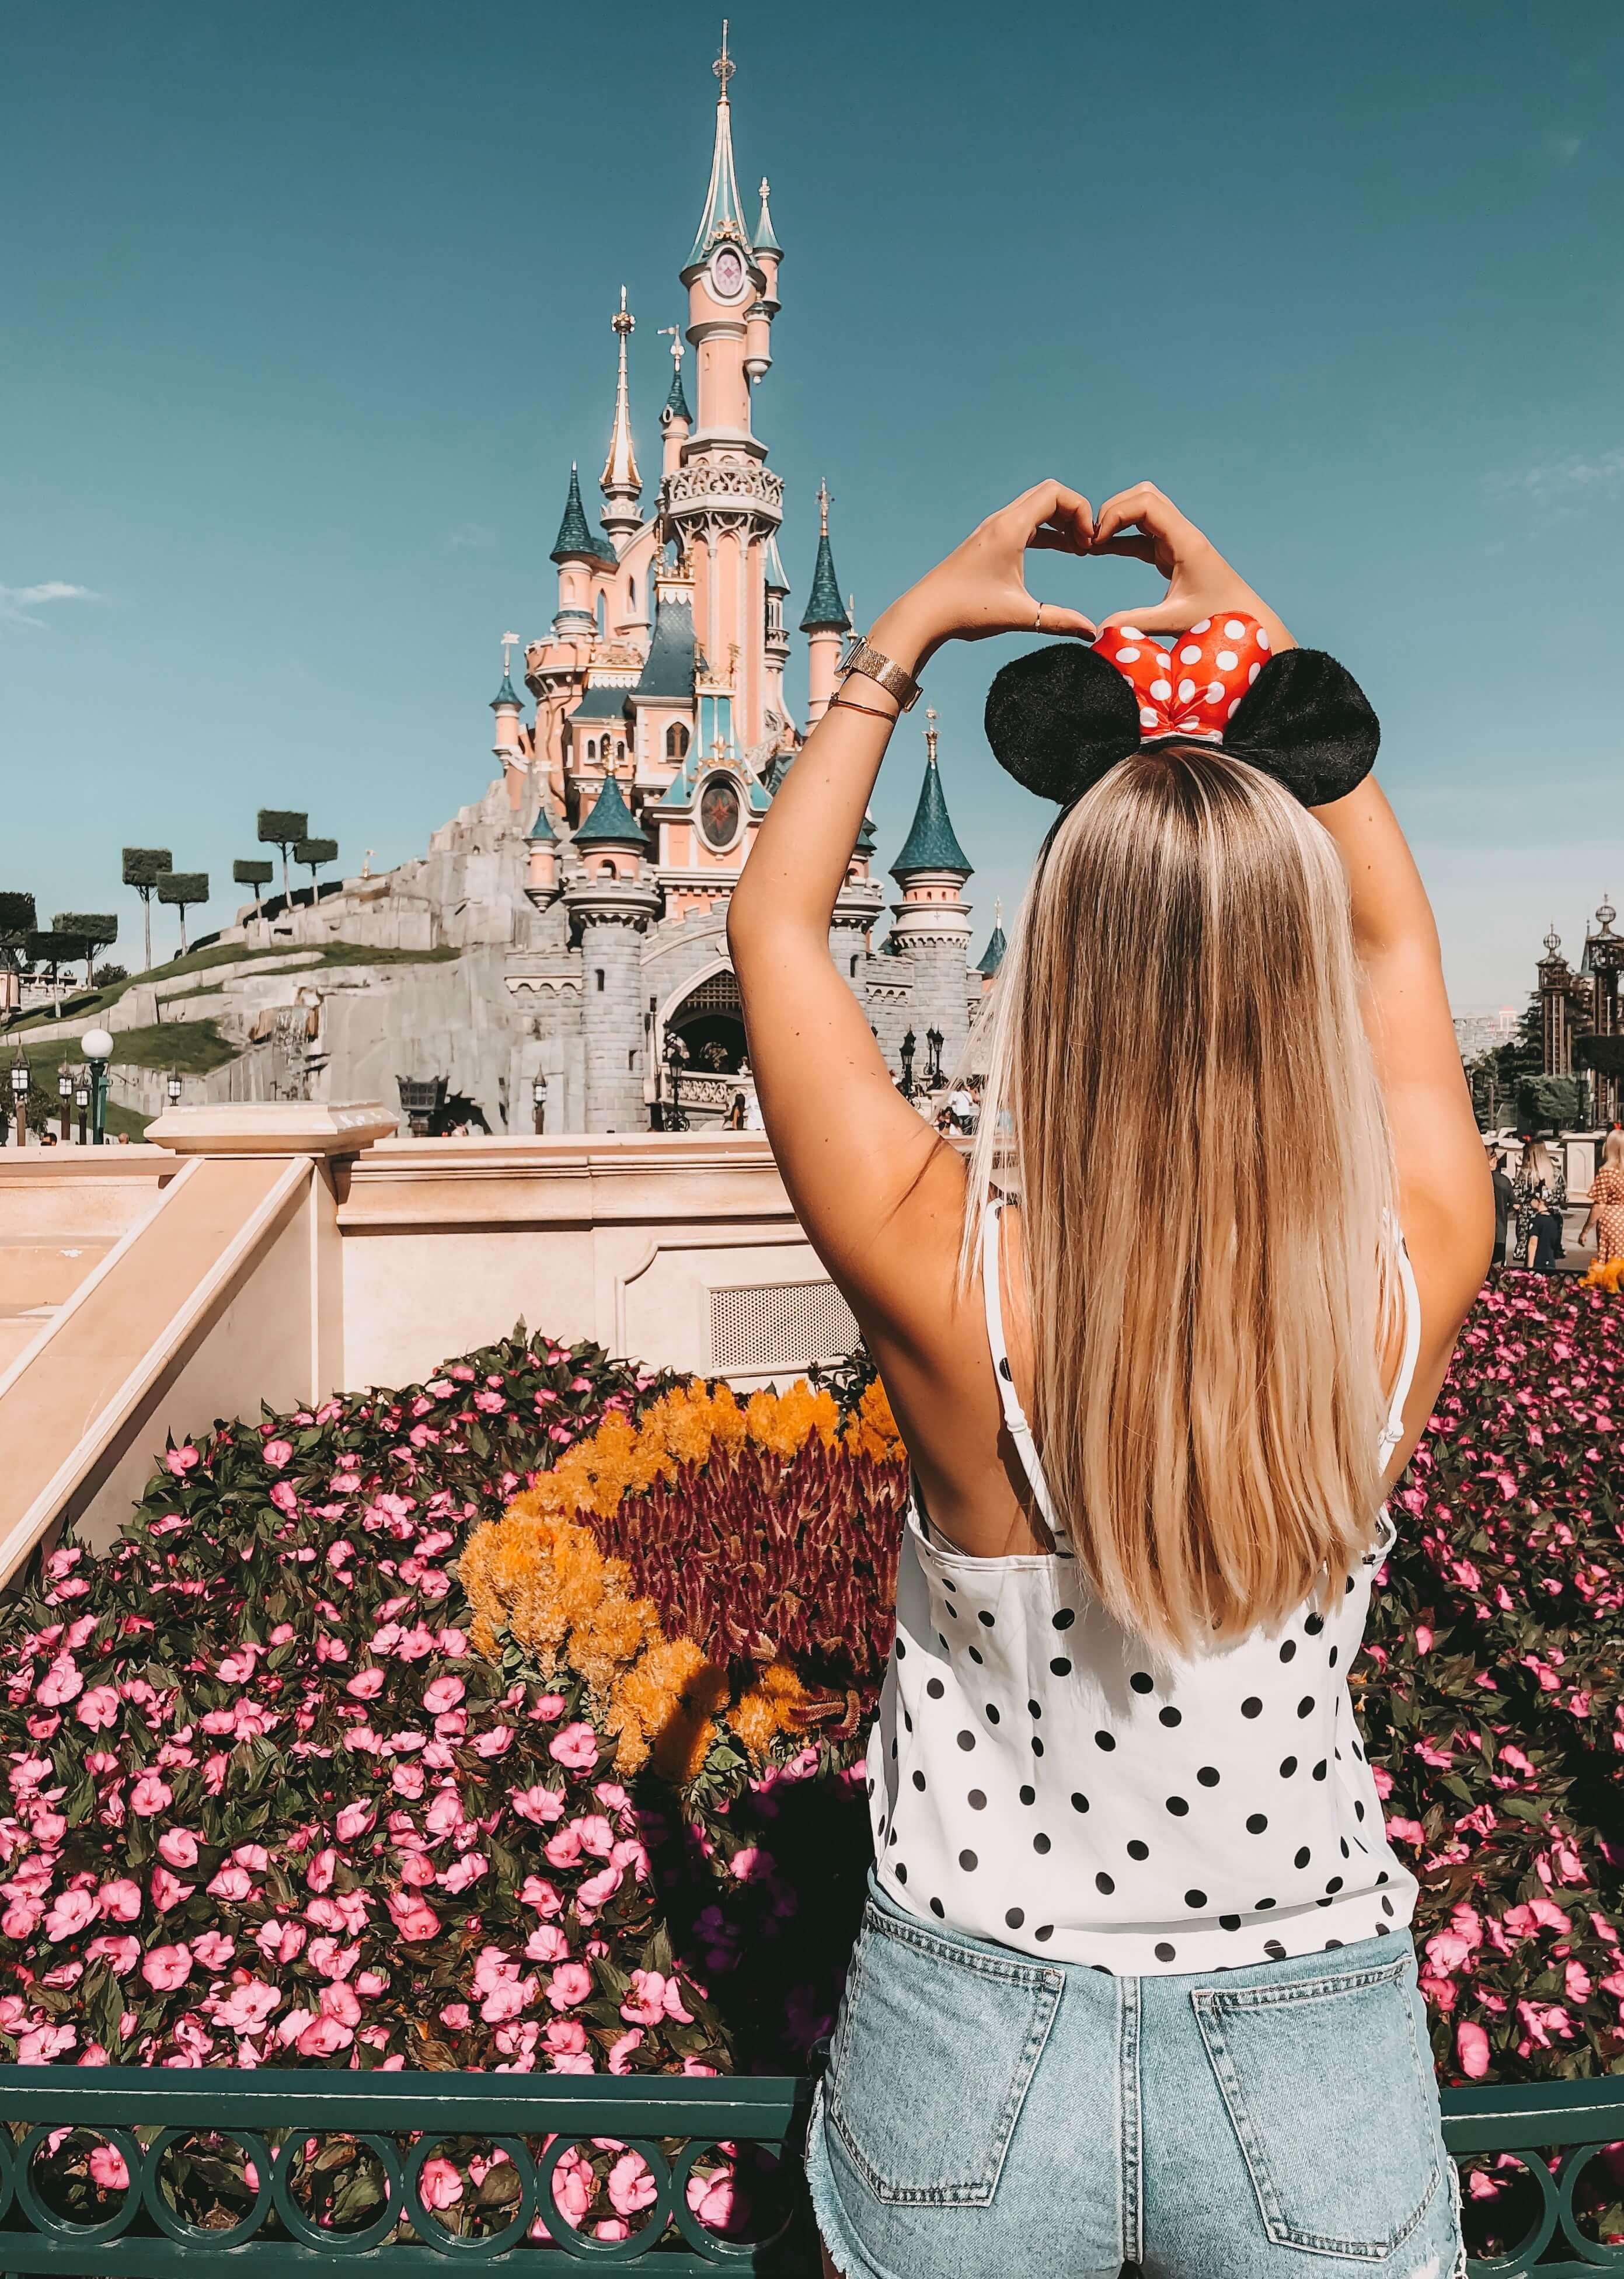 Disneyland, Paris, Walt Disney, Disney Land, Katefully, Reisetipps, Travelblogger, Reisebericht, Info, Tipps, Frankreich, Modeblog, Fashionblog, München